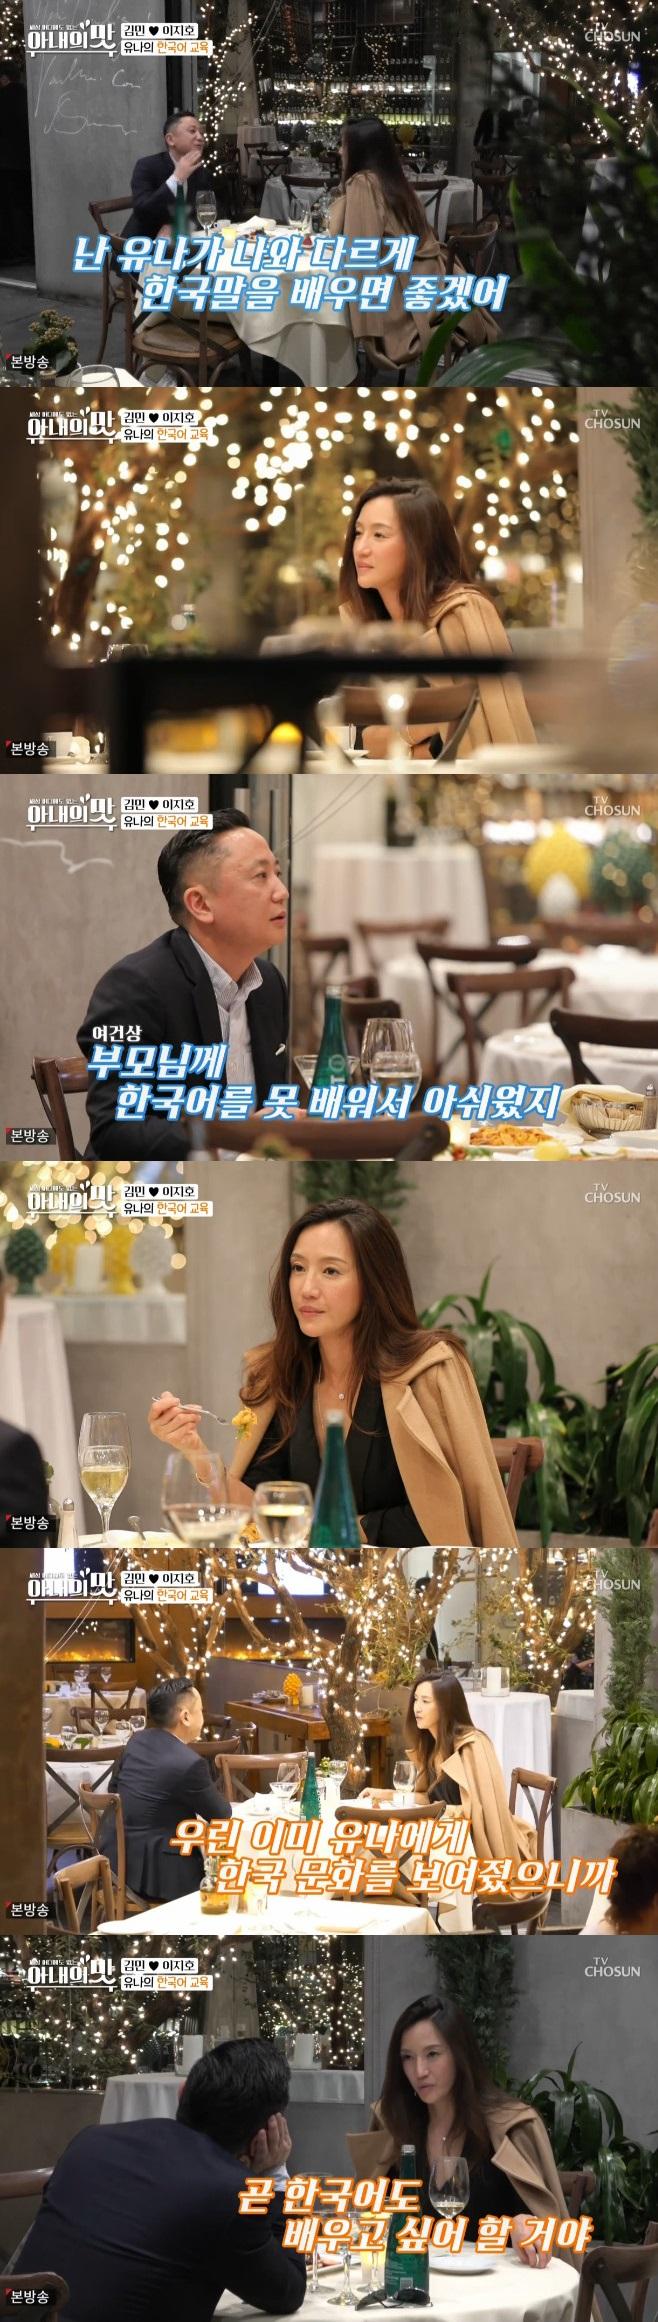 김민 이지호 부부, 아내의 맛